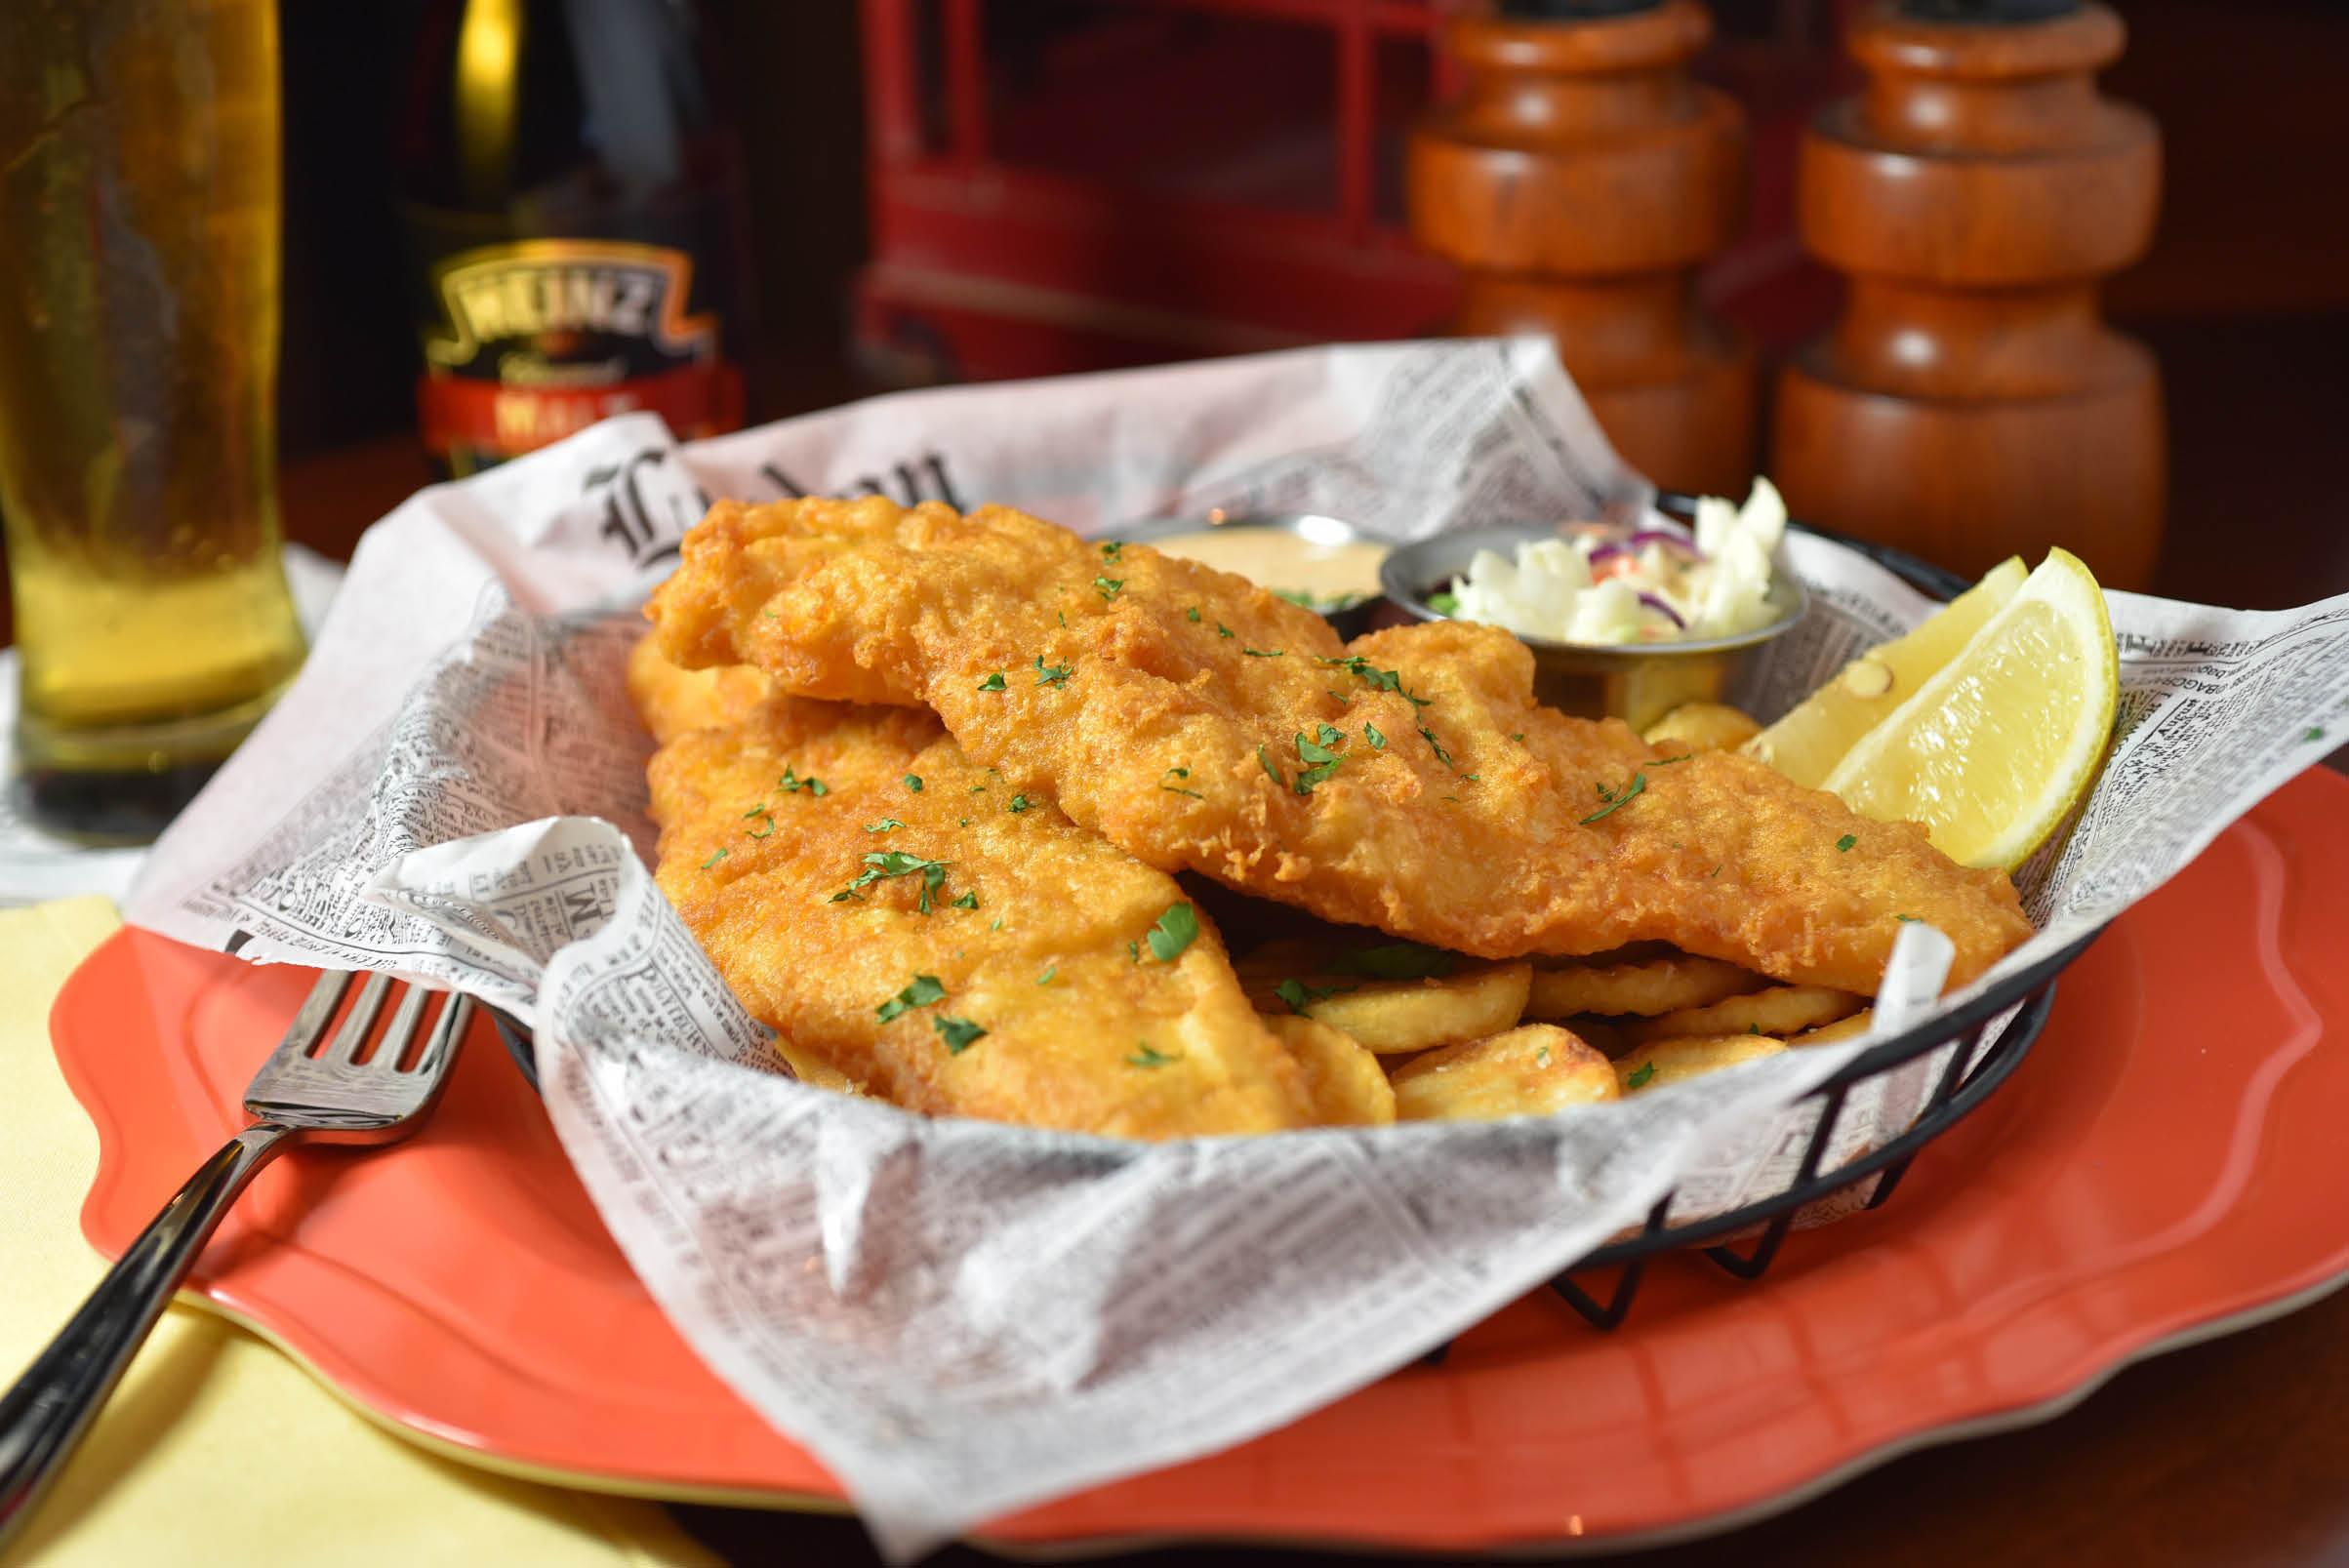 fish,chips,burgers,beer,outdoor patio,chicken,fajitas,ribs,eggs,